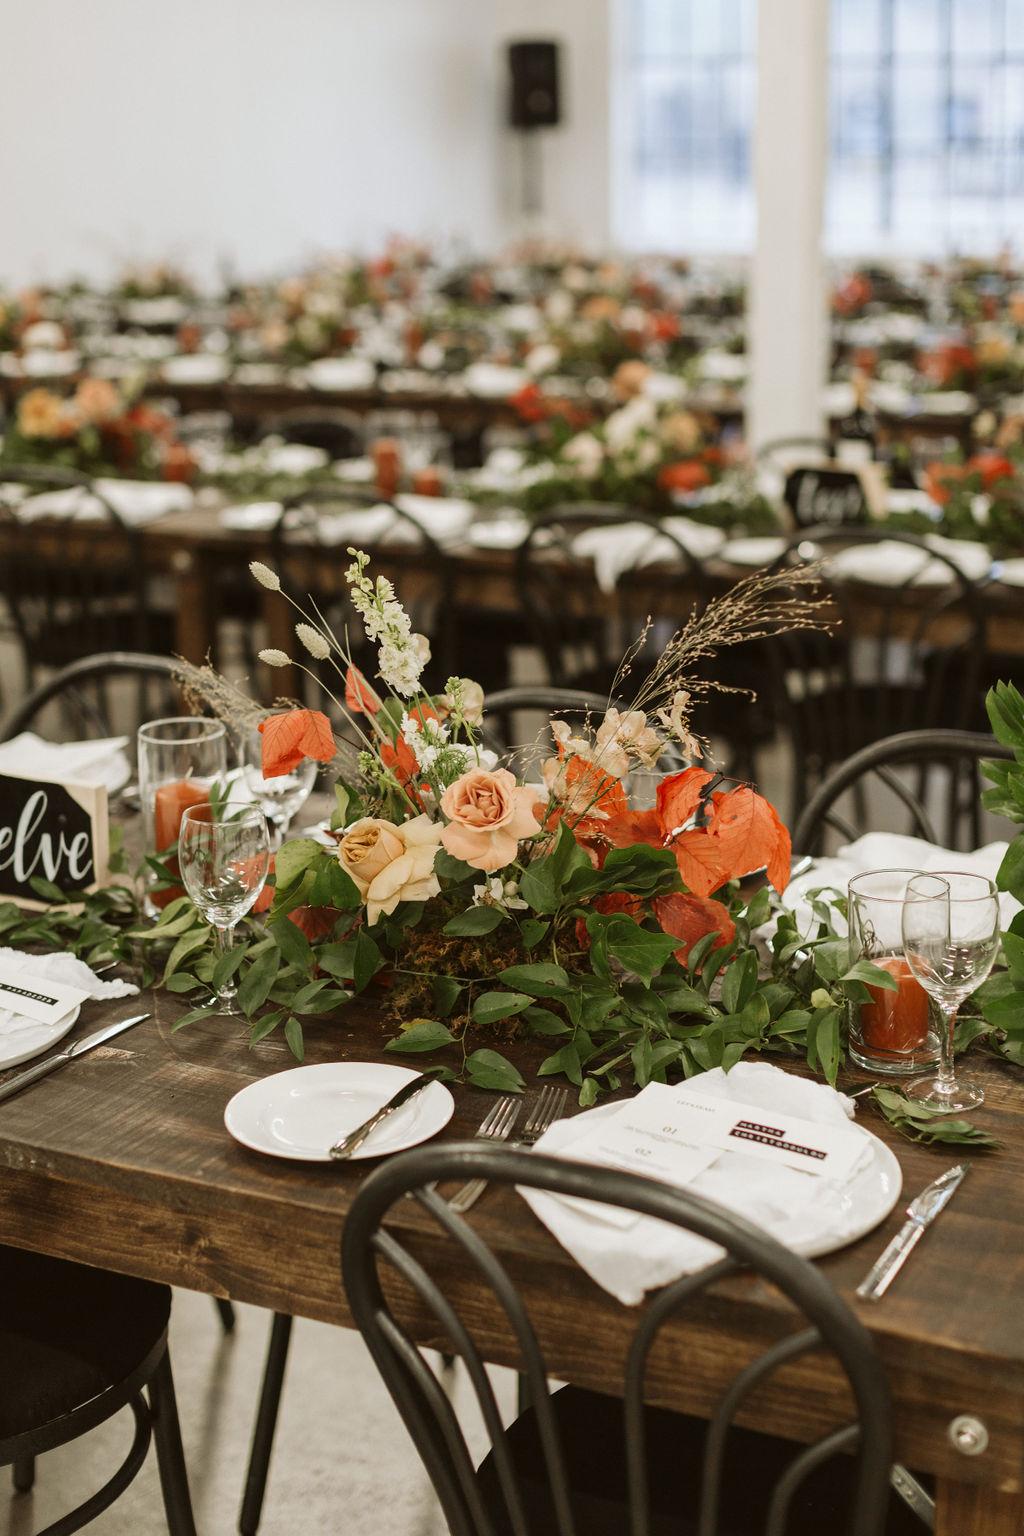 kristina+ryan_toronto+winter+wedding-374.jpg